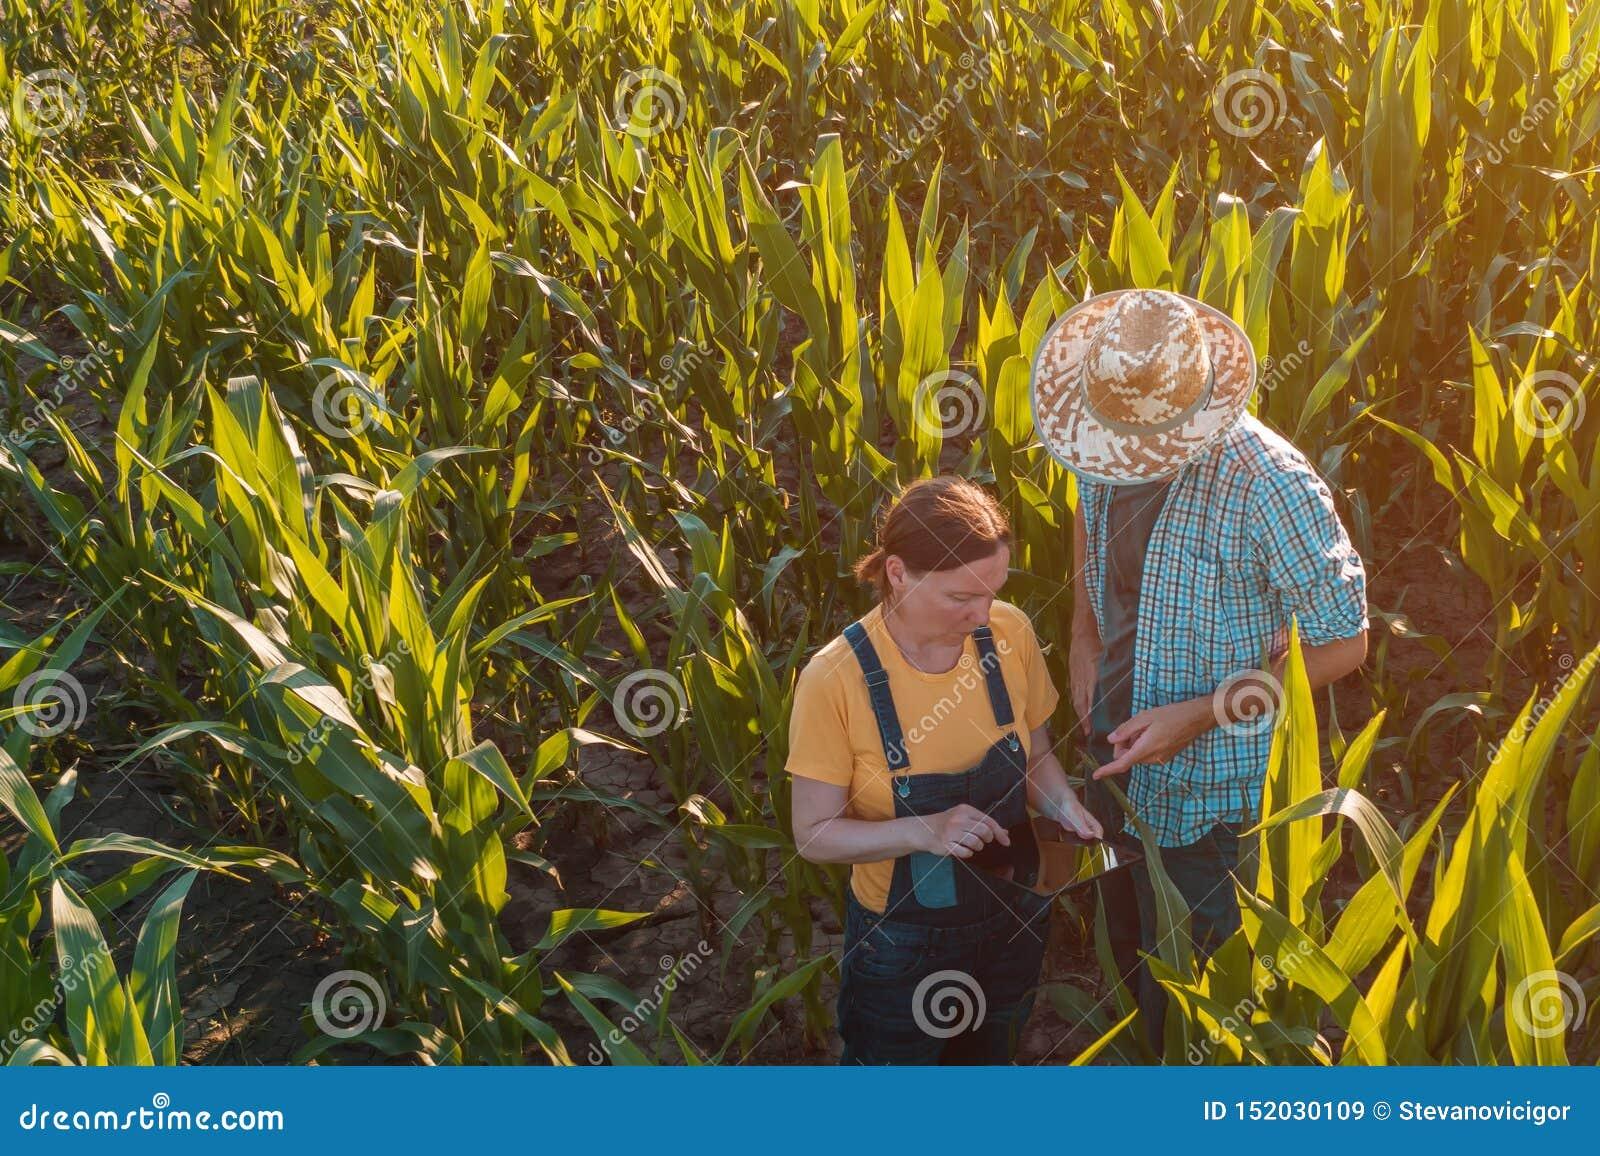 Agronome féminin conseillant l agriculteur de maïs dans le domaine de culture